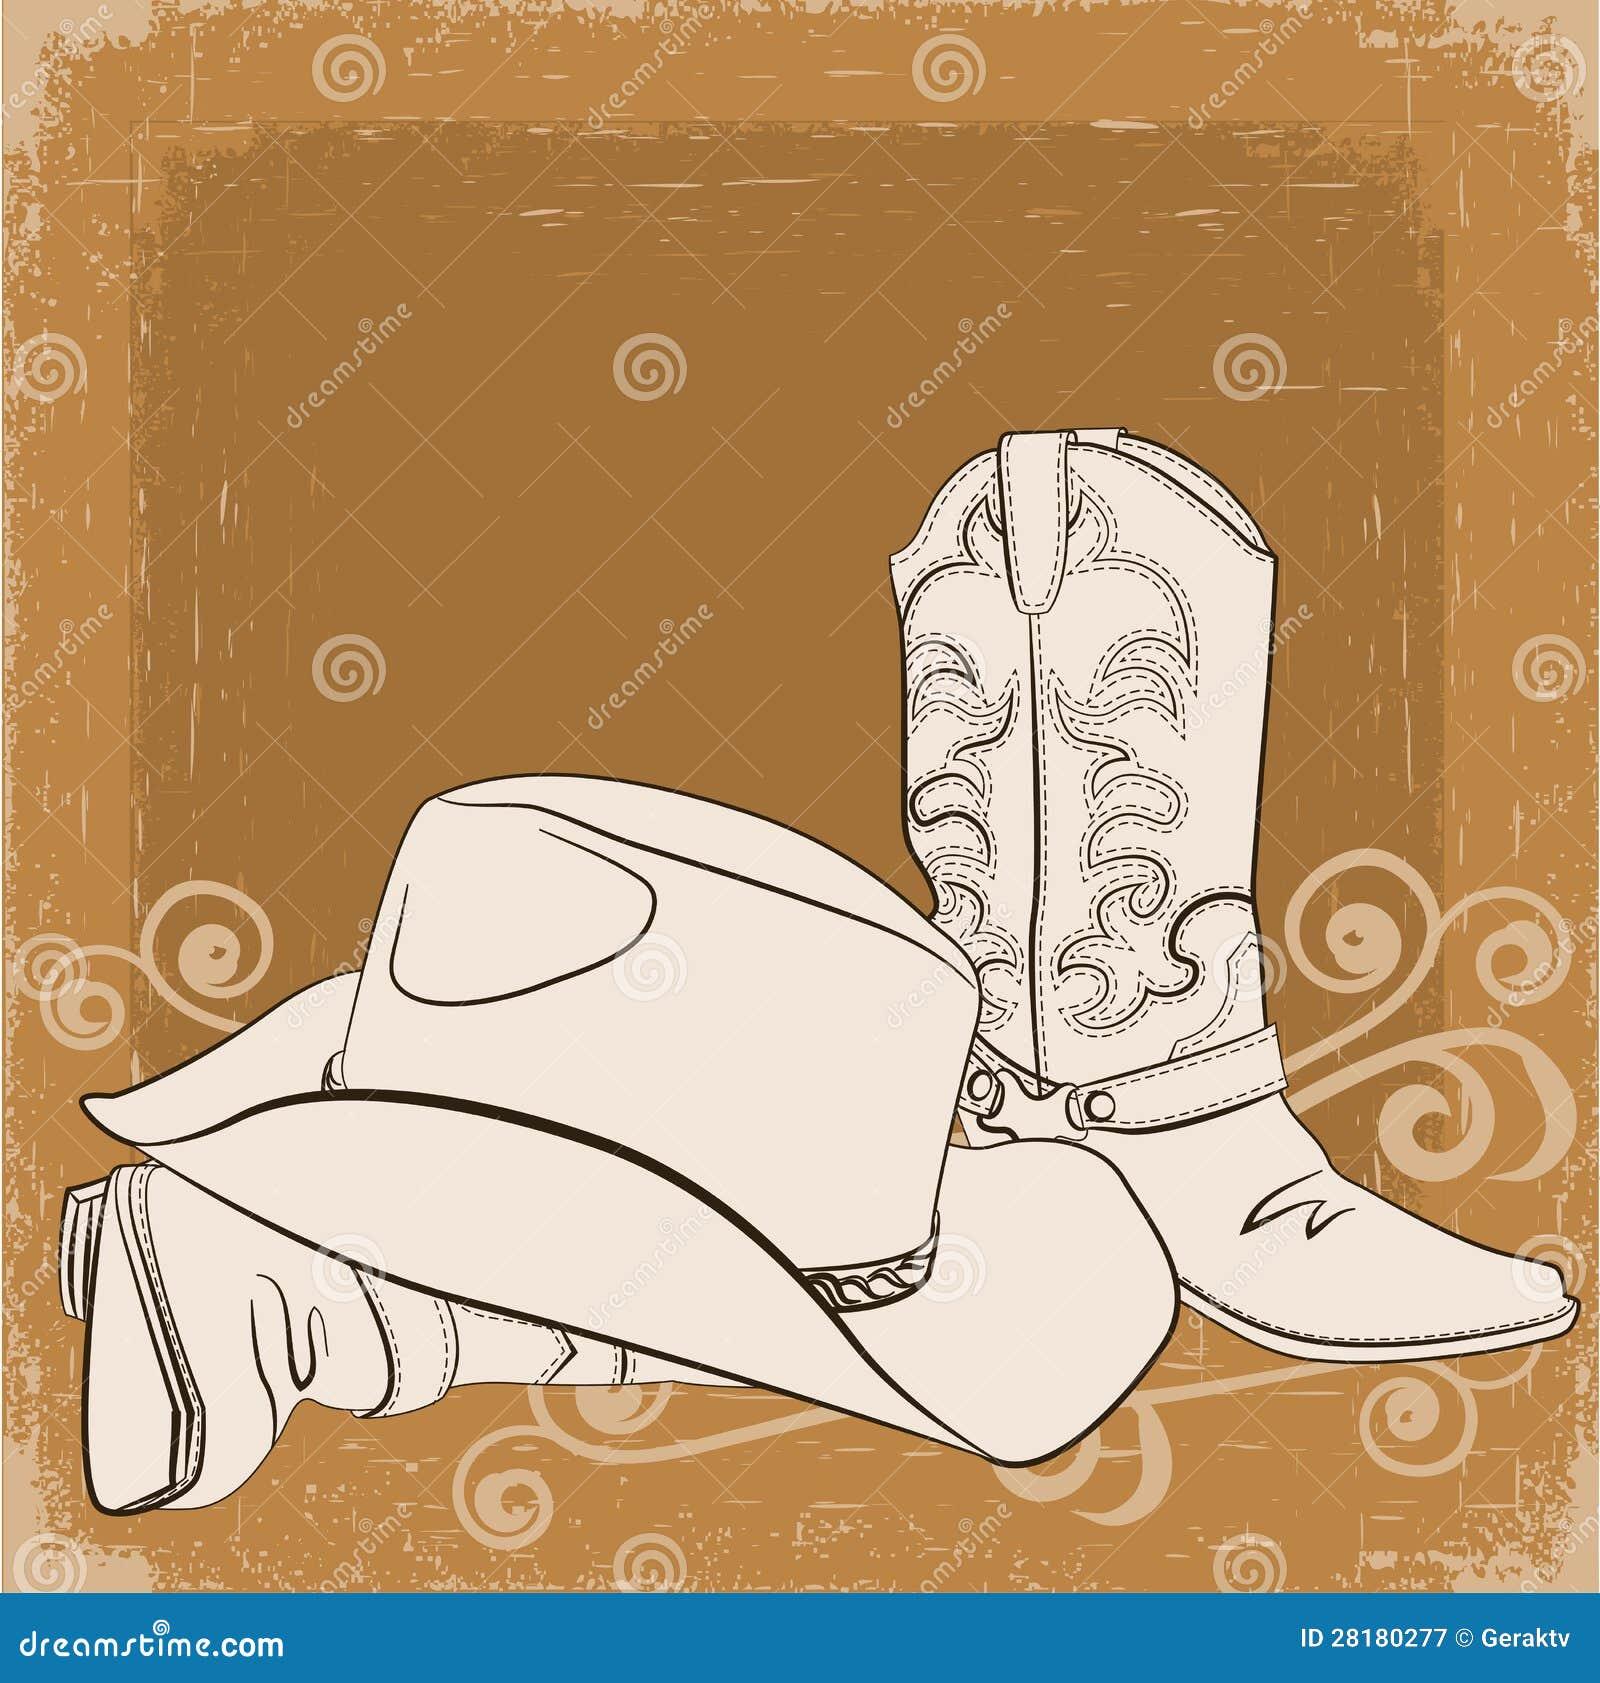 牛仔靴和帽子。向量难看的东西背景